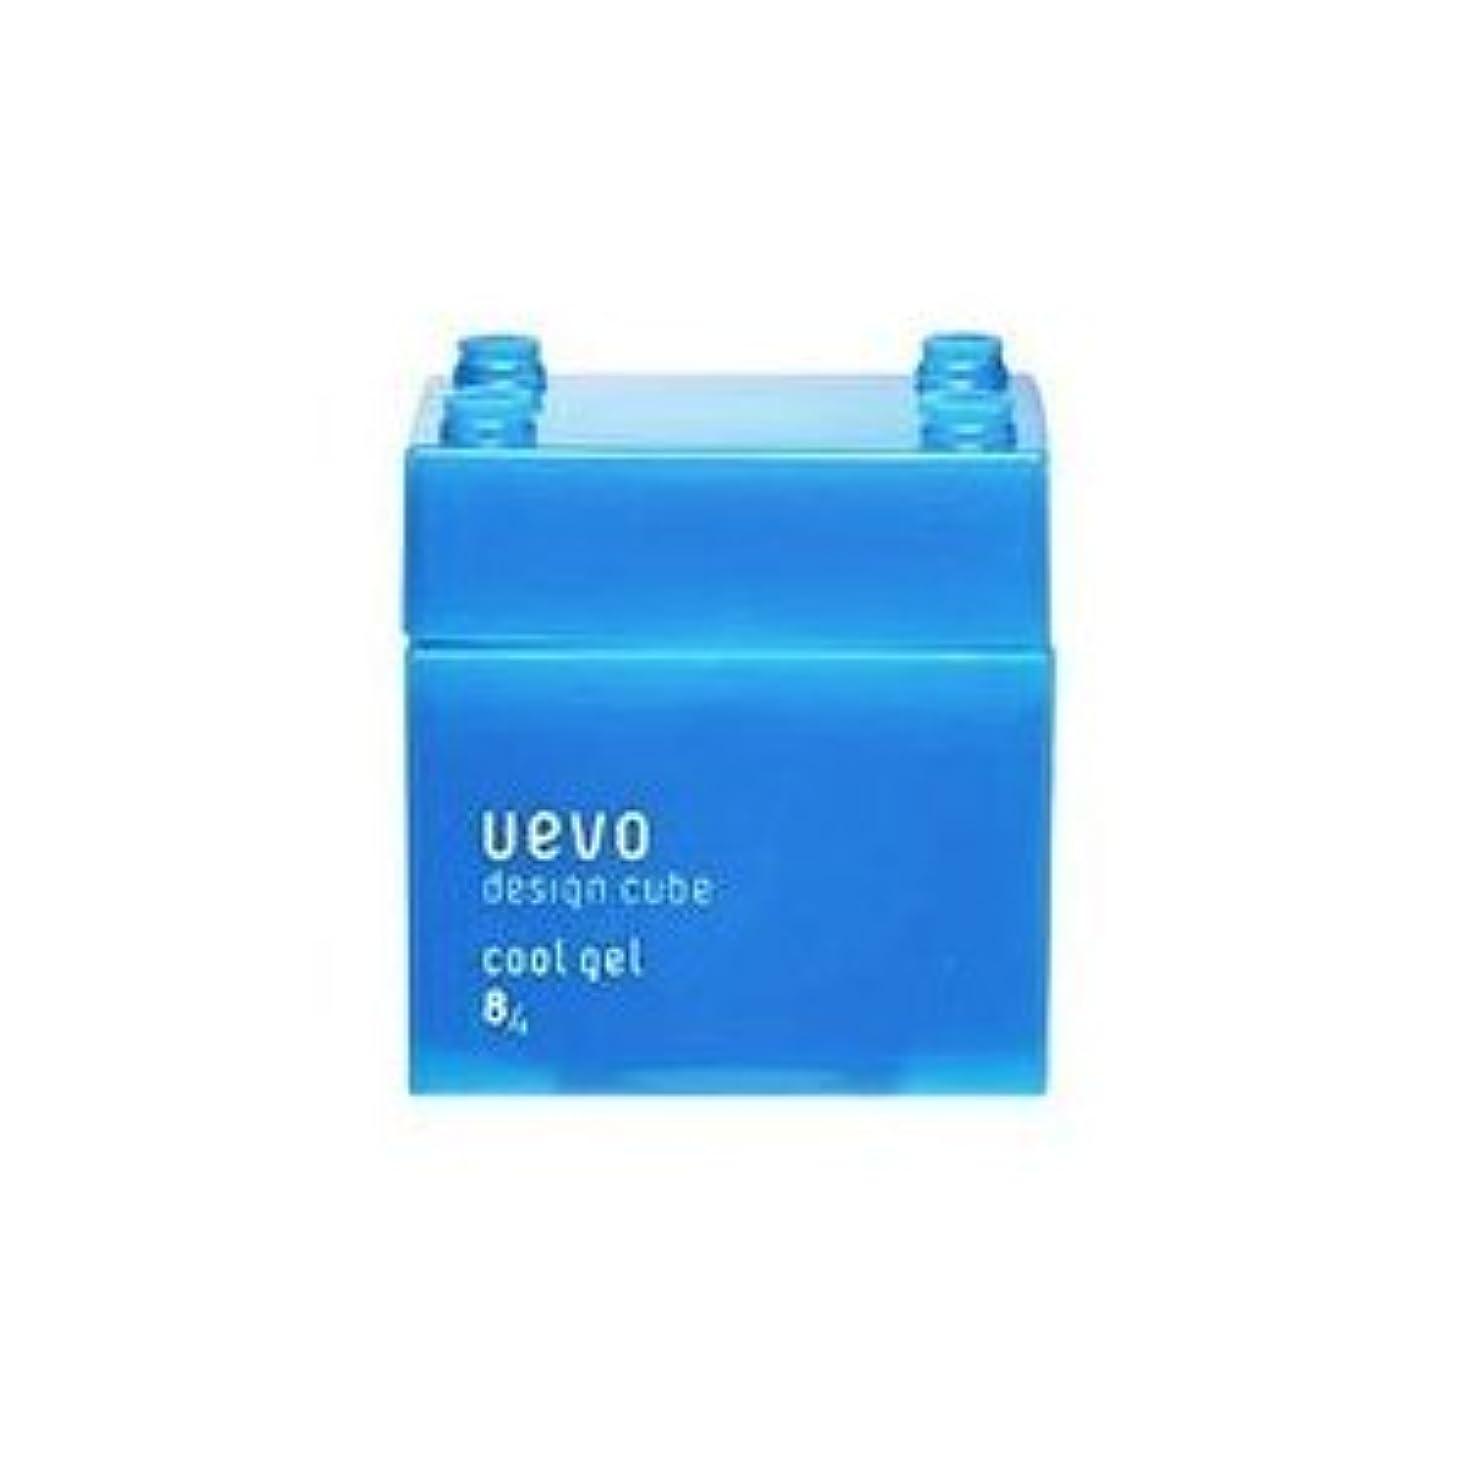 事申し立て極地【X3個セット】 デミ ウェーボ デザインキューブ クールジェル 80g cool gel DEMI uevo design cube